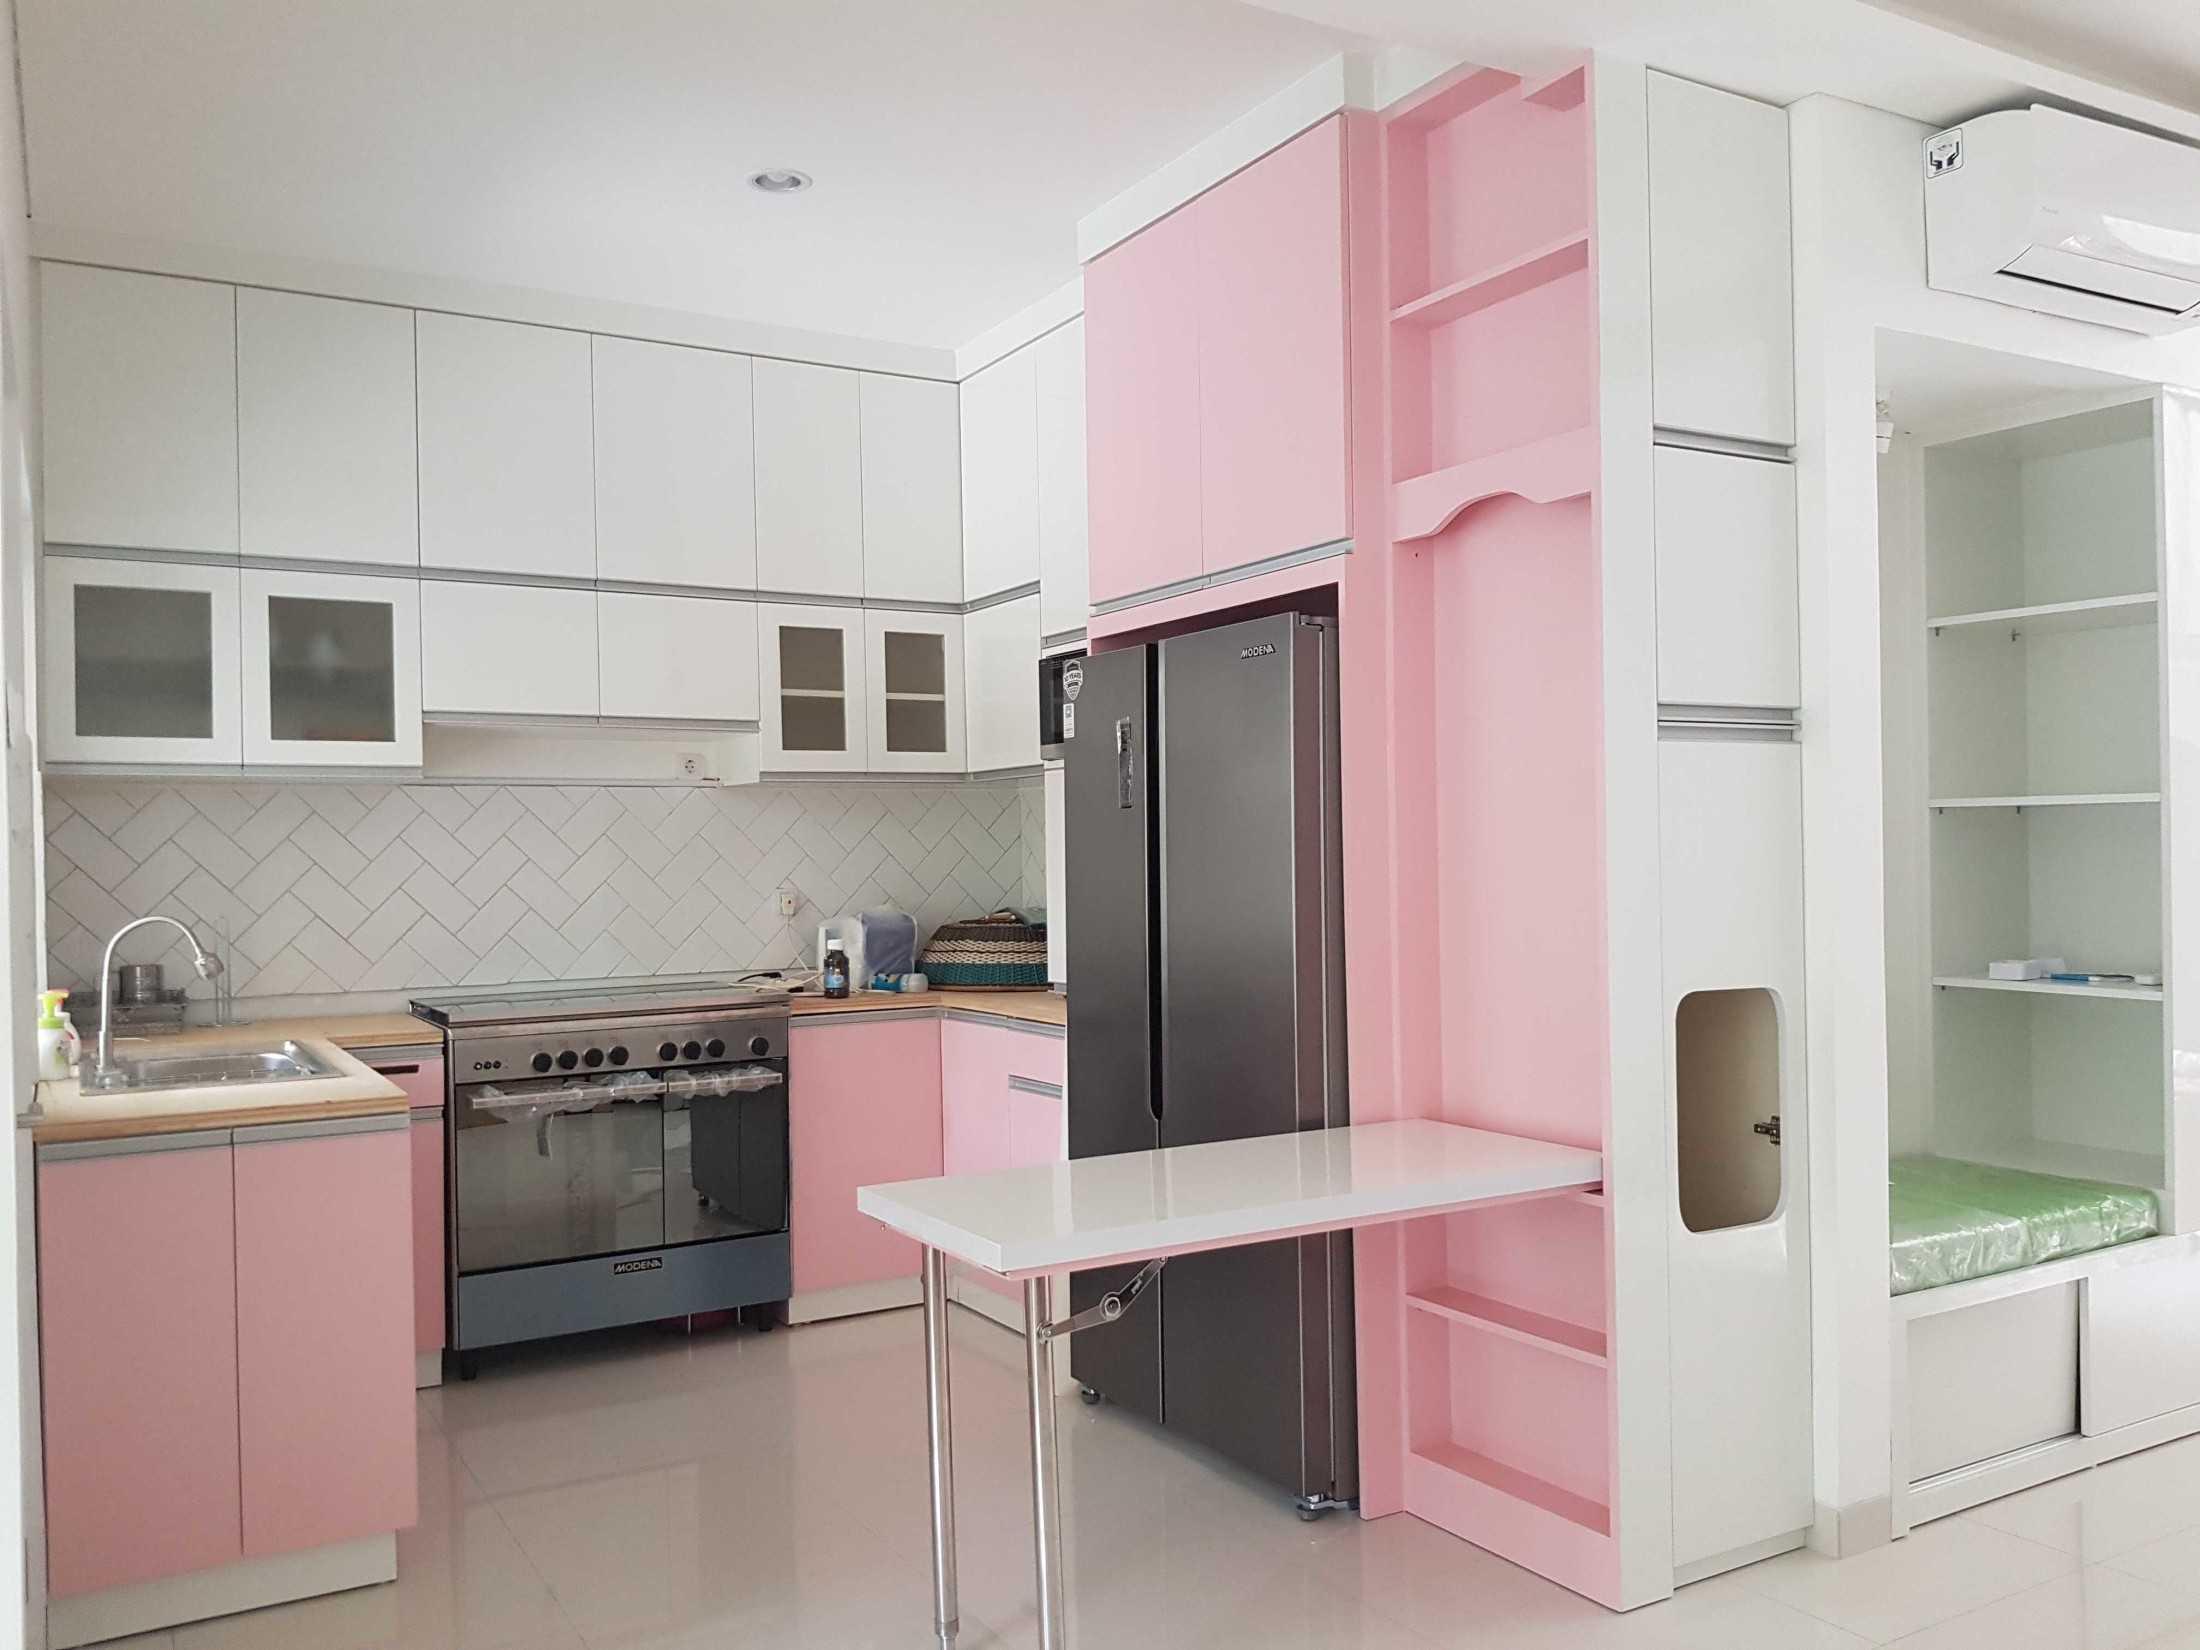 Arsigram Modern Kitchen Bintaro Jaya, Indonesia Bintaro Jaya, Indonesia Arsigram-Modern-Kitchen  103011